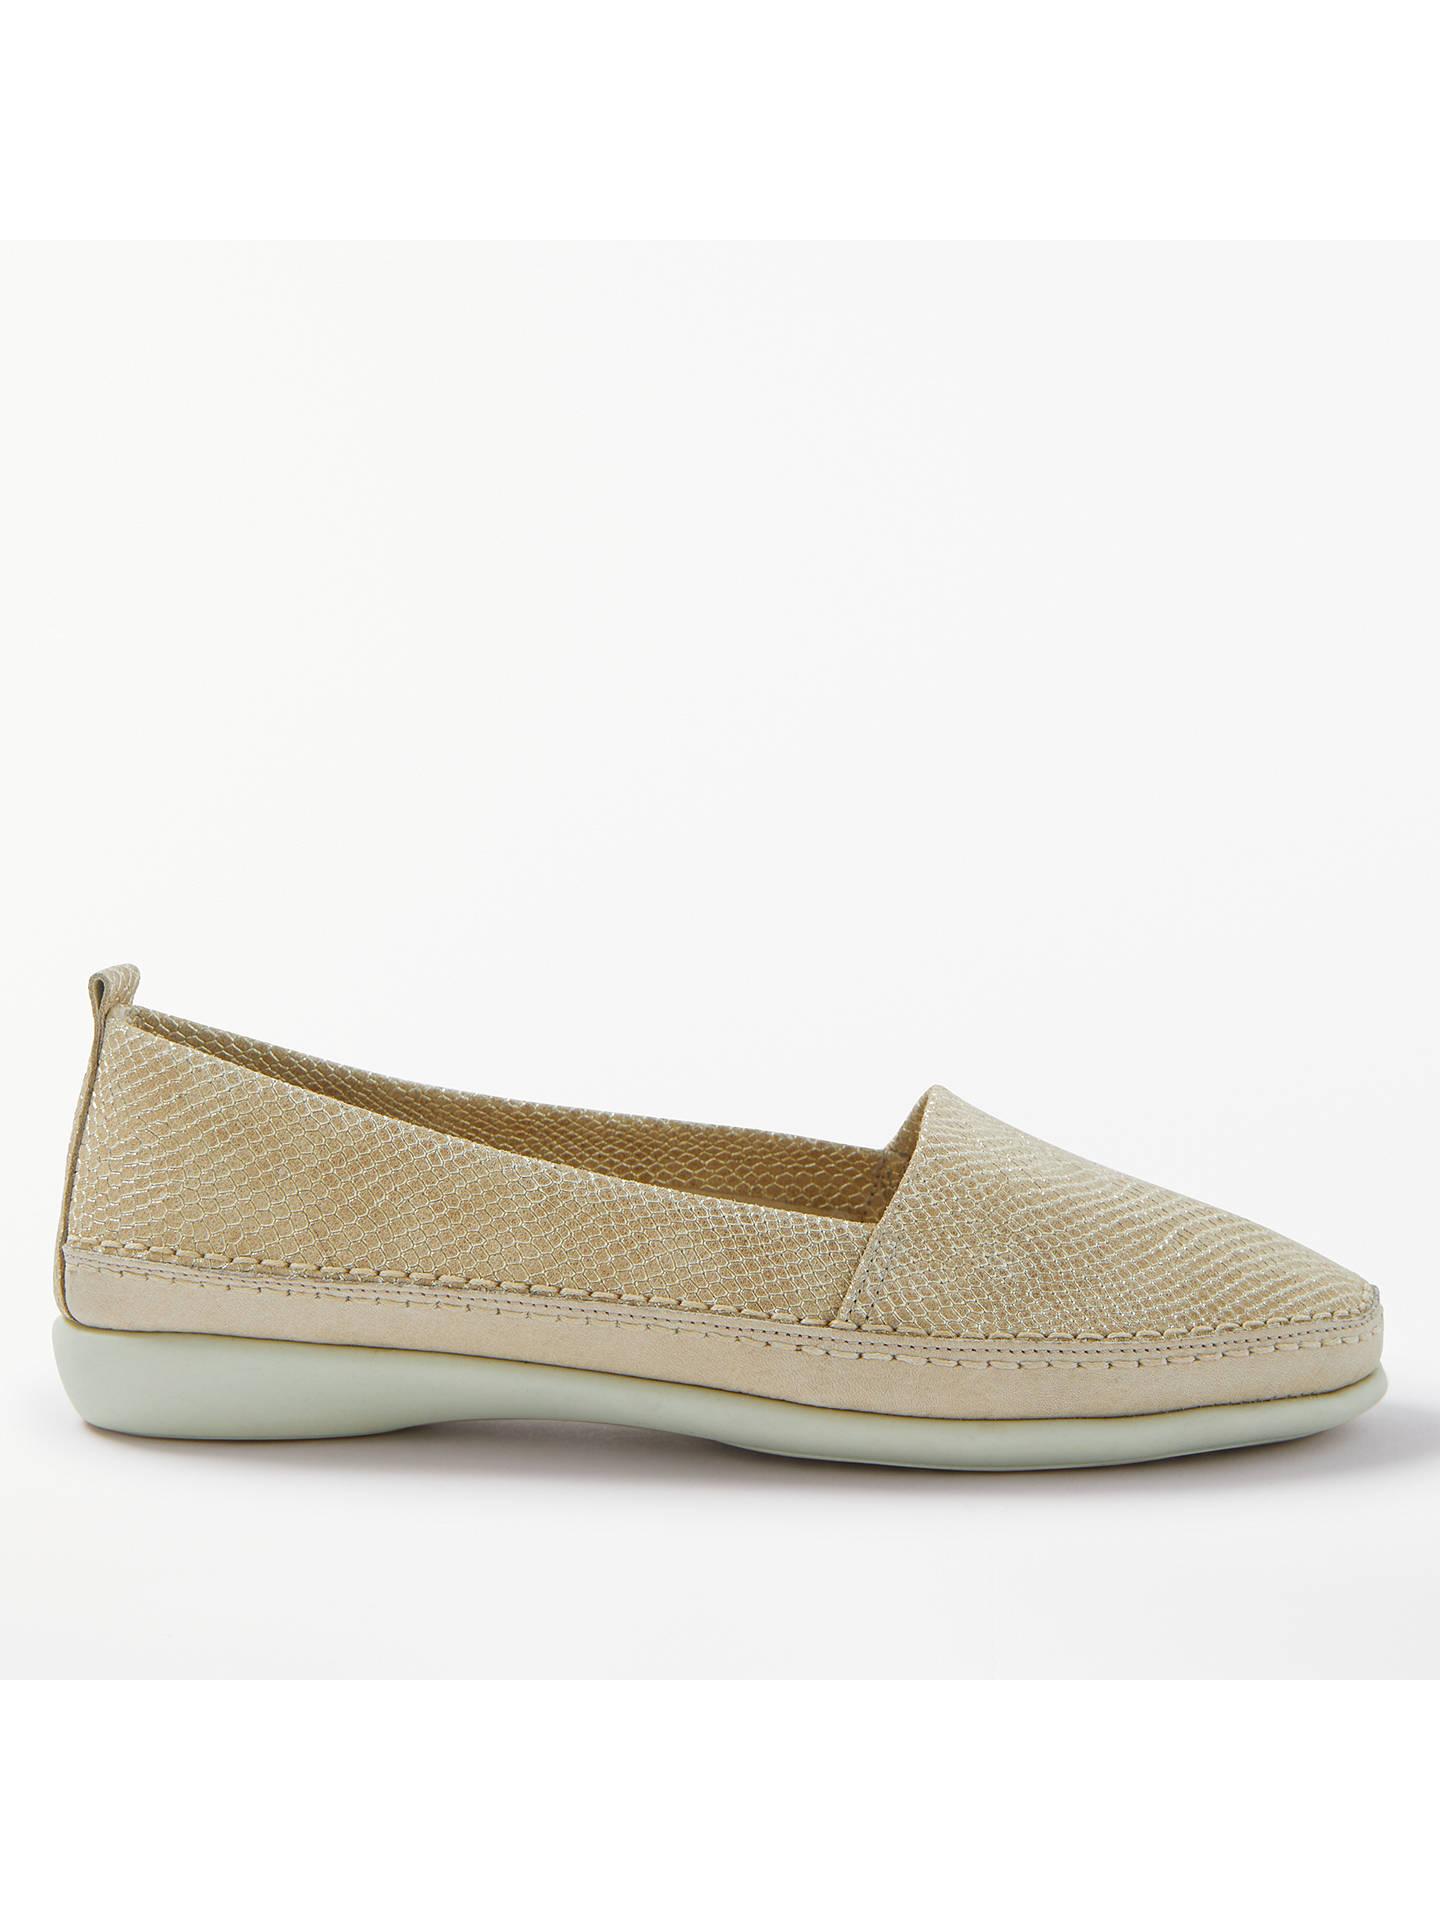 4382a6e9dc4 Buy John Lewis Designed for Comfort Wren Slip On Loafers